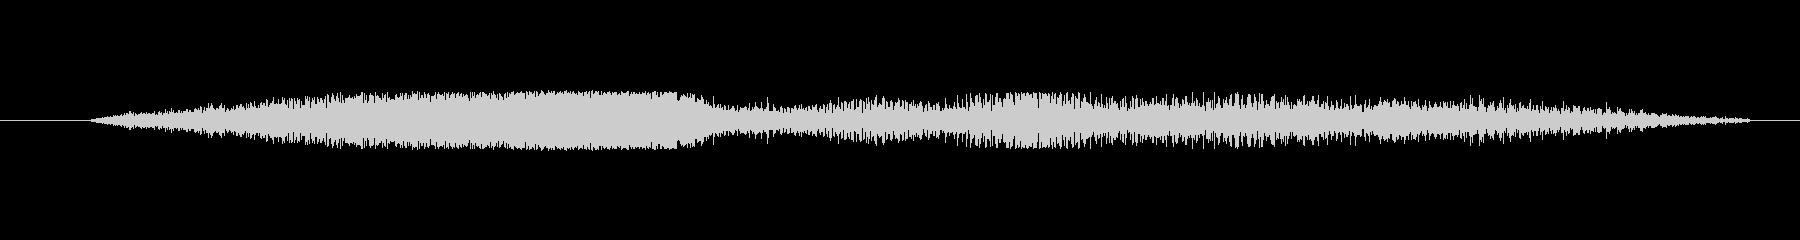 雪男 ノーズブローストロング11の未再生の波形